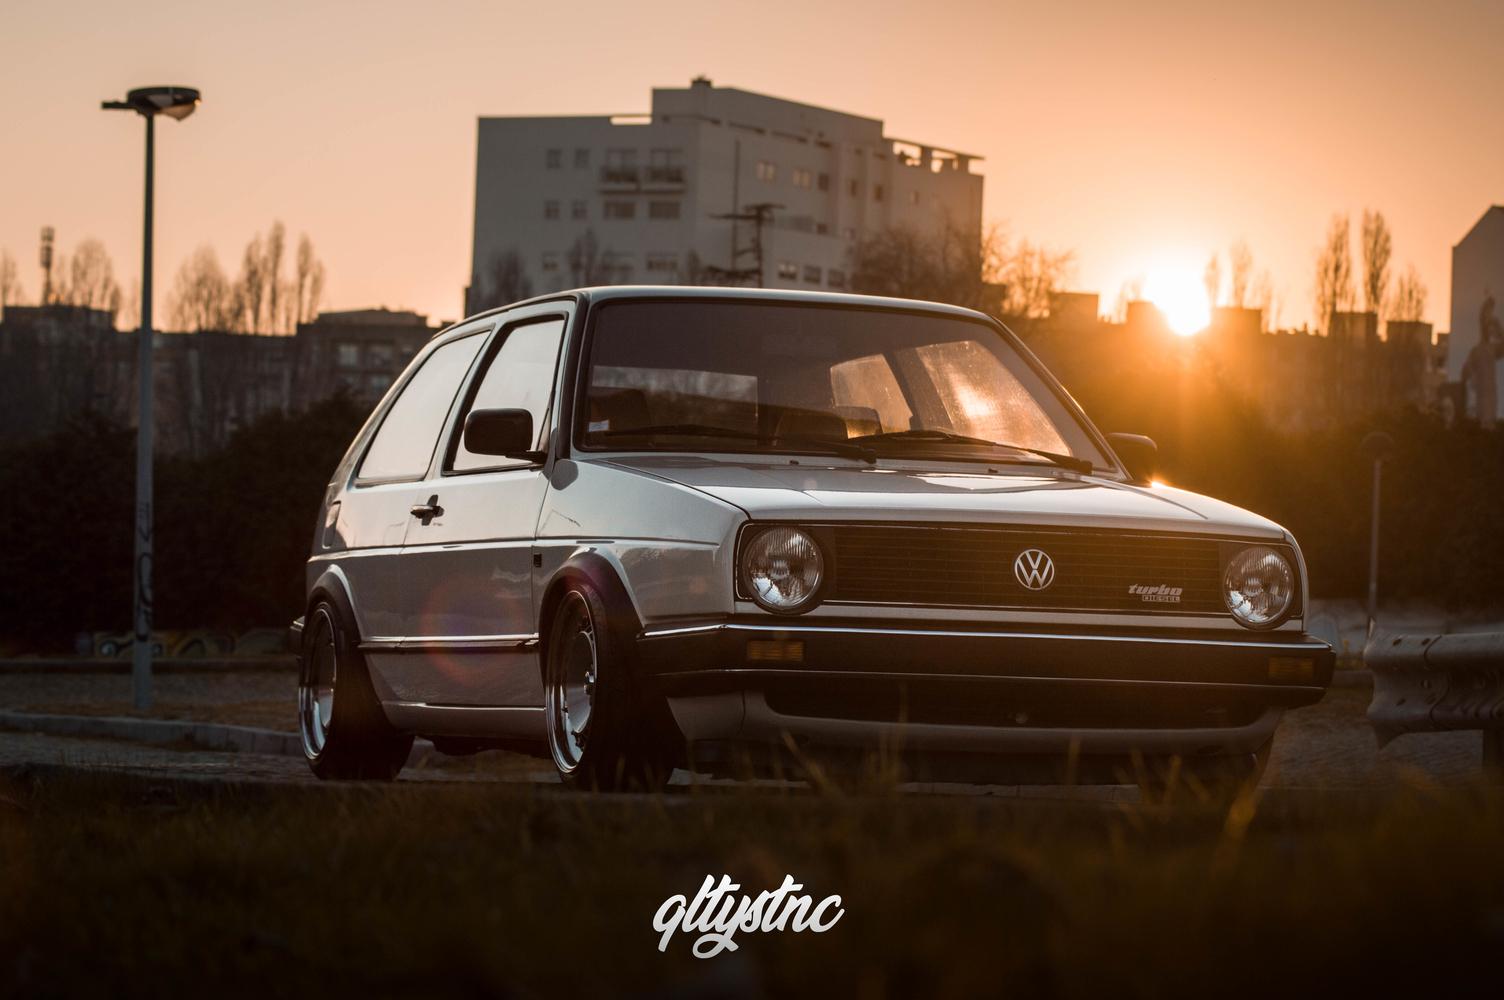 VW Golf Mk2 Van – Miguel Rocha